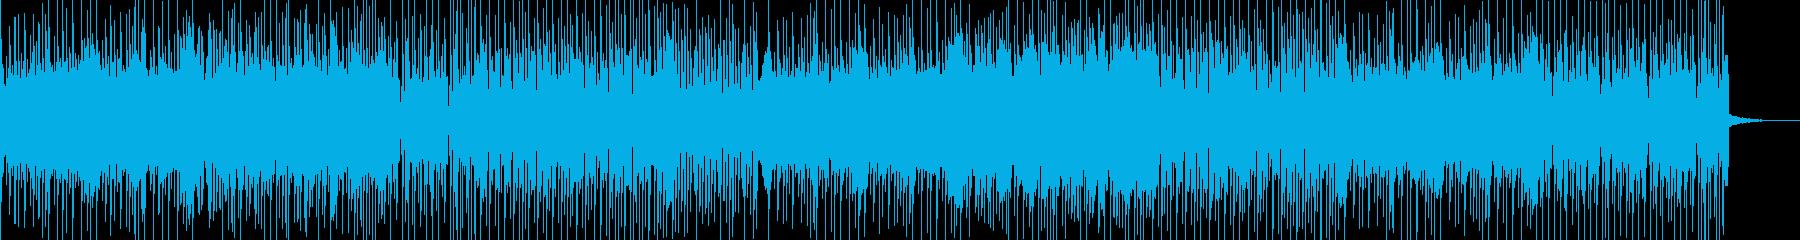 ピアノ音が哀愁ただようPOPS曲の再生済みの波形